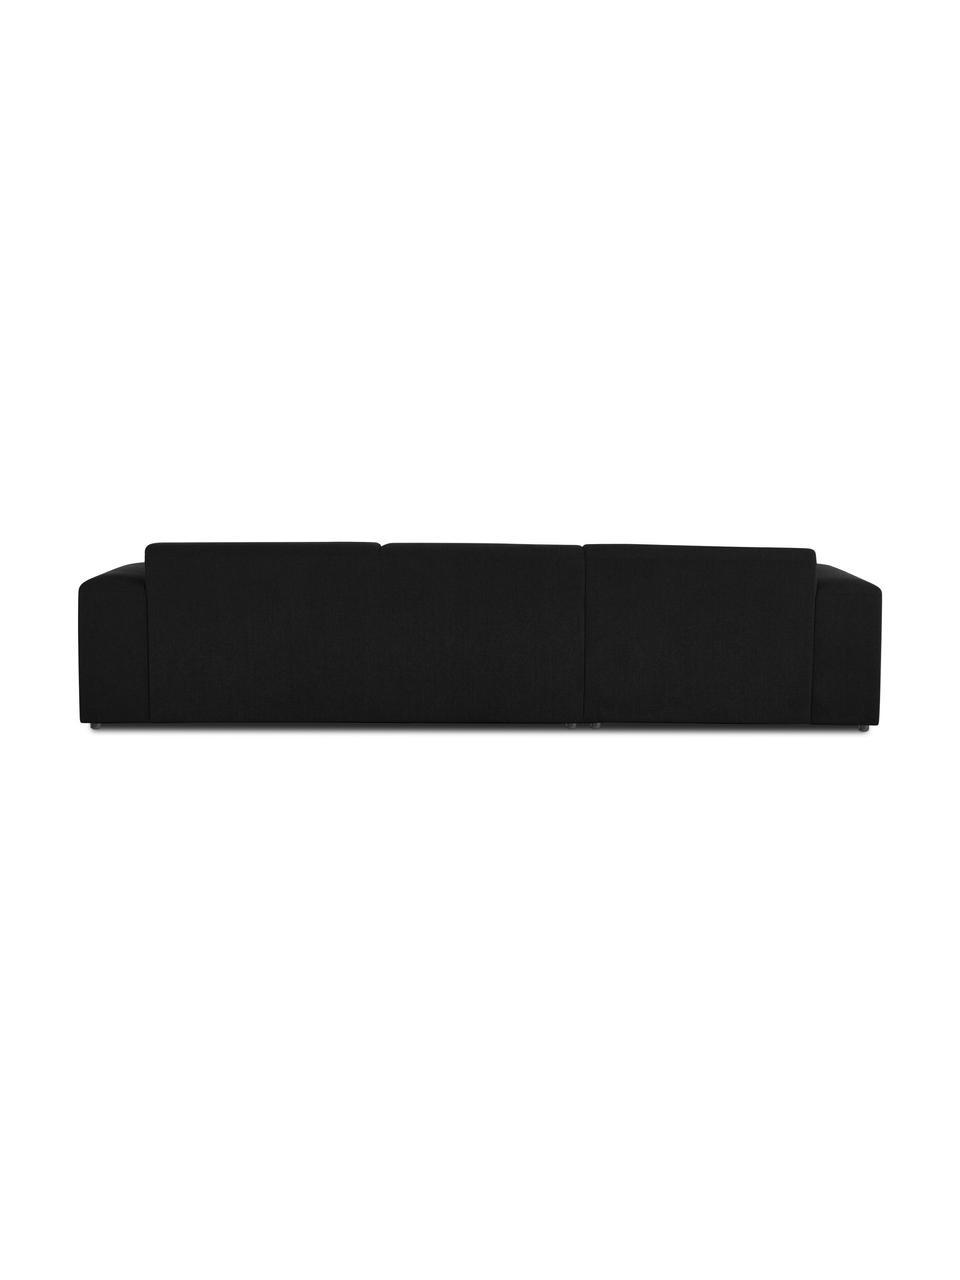 Ecksofa Melva (4-Sitzer) in Schwarz, Bezug: 100% Polyester Der hochwe, Gestell: Massives Kiefernholz, FSC, Füße: Kunststoff, Webstoff Schwarz, B 319 x T 196 cm